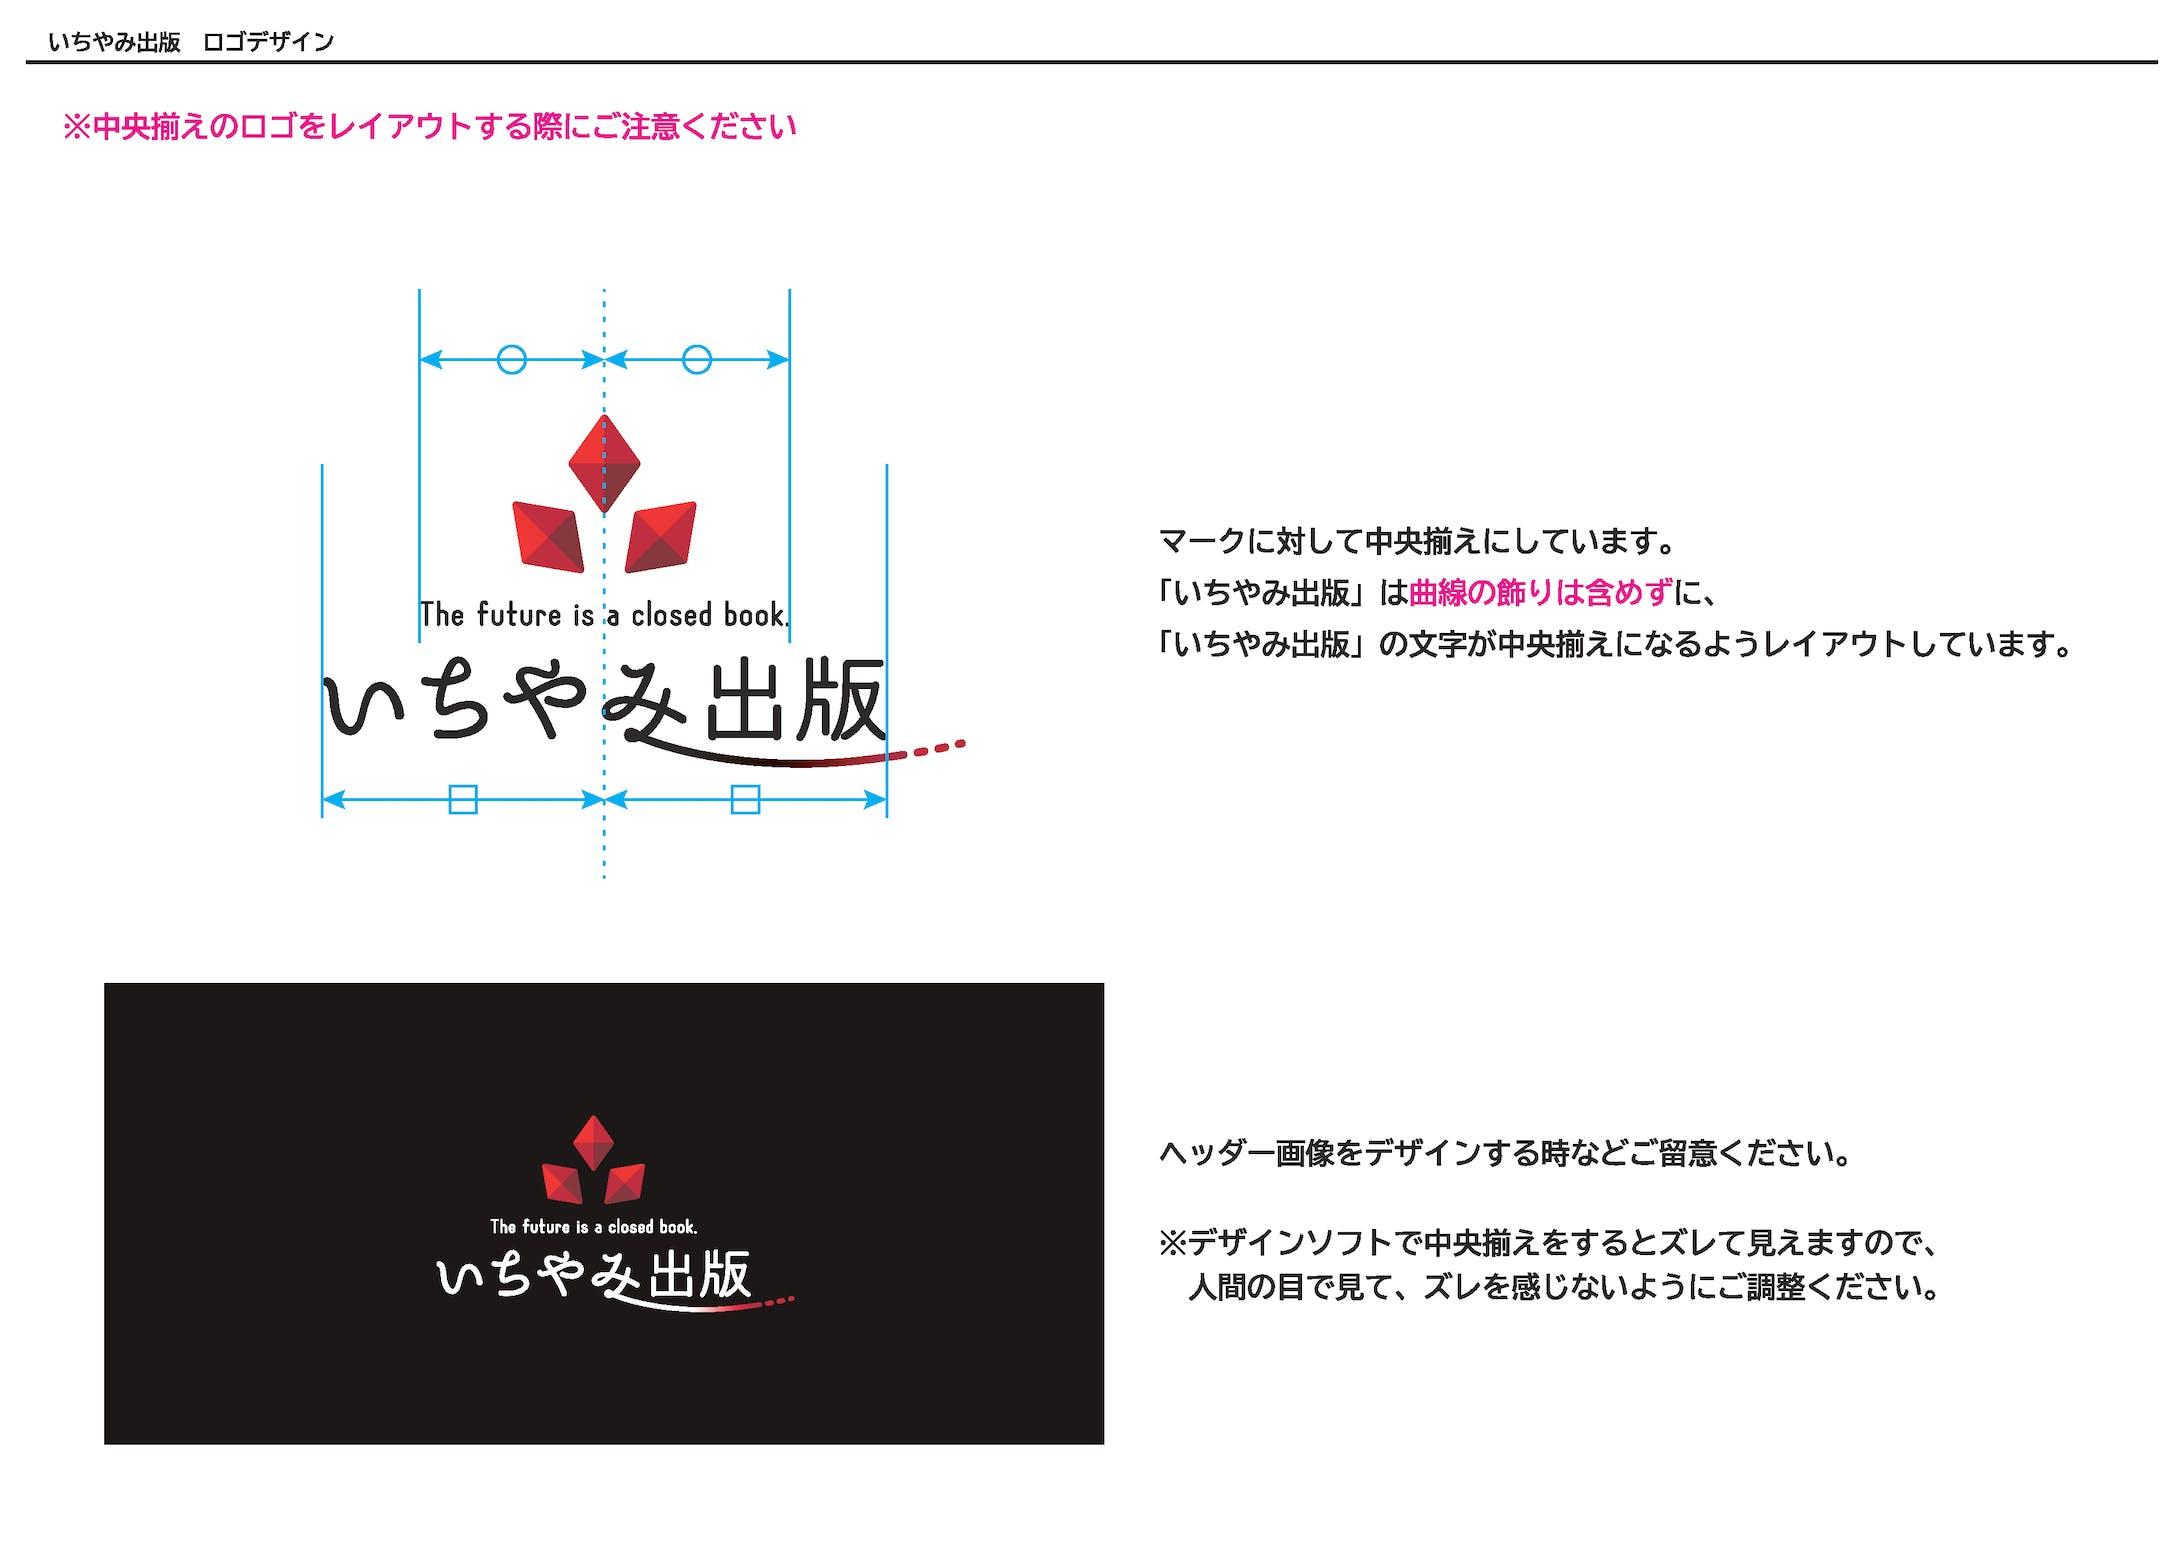 ロゴデザイン【いちやみ出版】-7